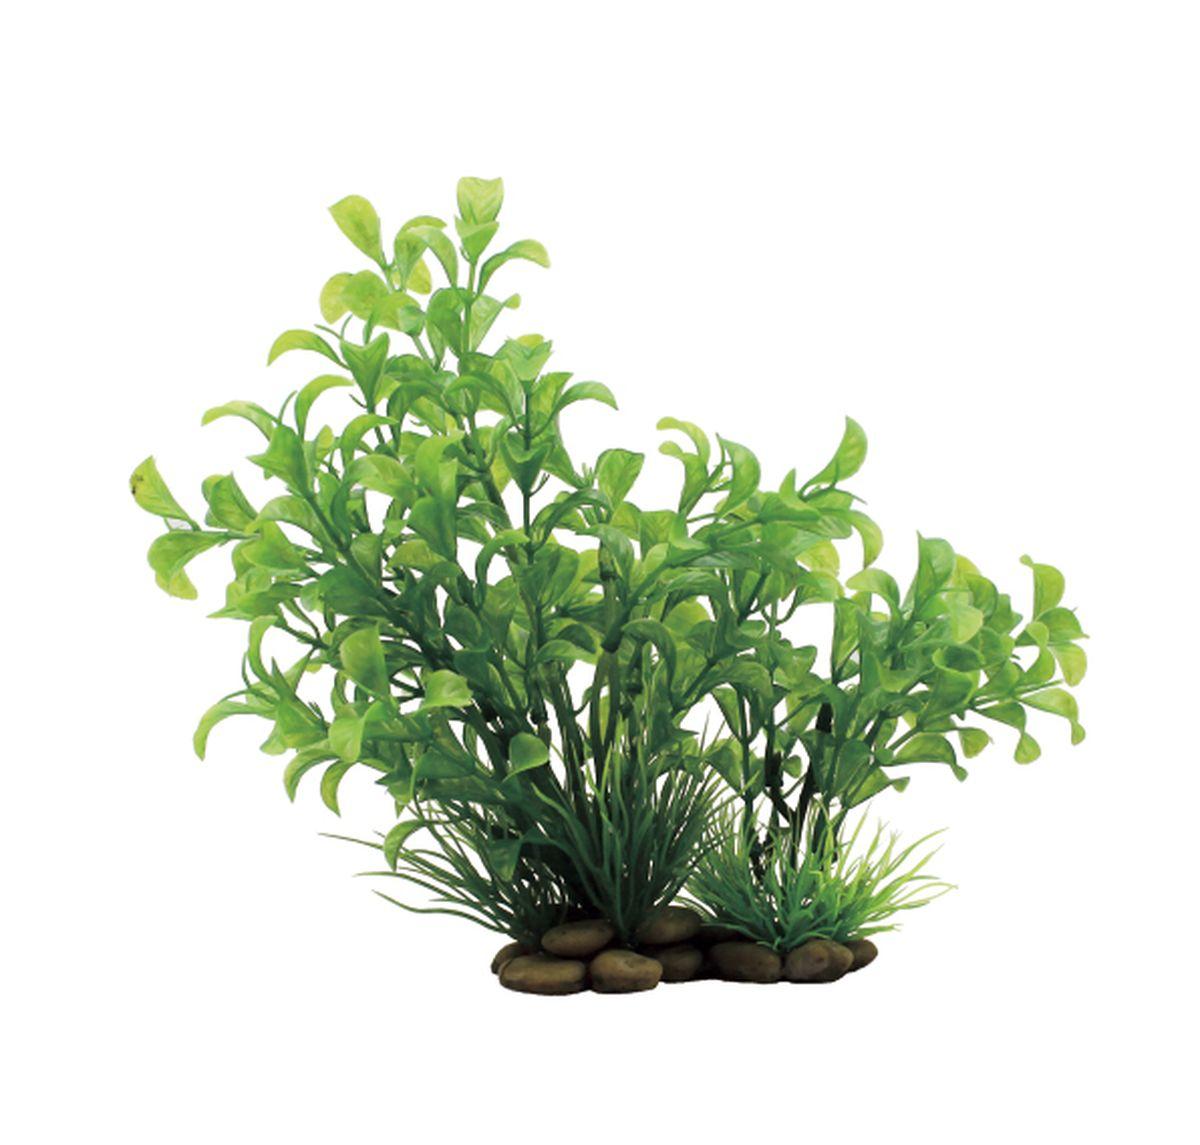 Растение для аквариума ArtUniq Людвигия зеленая, высота 20 смGRAVEL 026/3,5Композиция из искусственных растений ArtUniq превосходно украсит и оживит аквариум.Растения - это важная часть любой композиции, они помогут вдохнуть жизнь в ландшафт любого аквариума или террариума. А их сходствос природными порадует даже самых взыскательных ценителей.